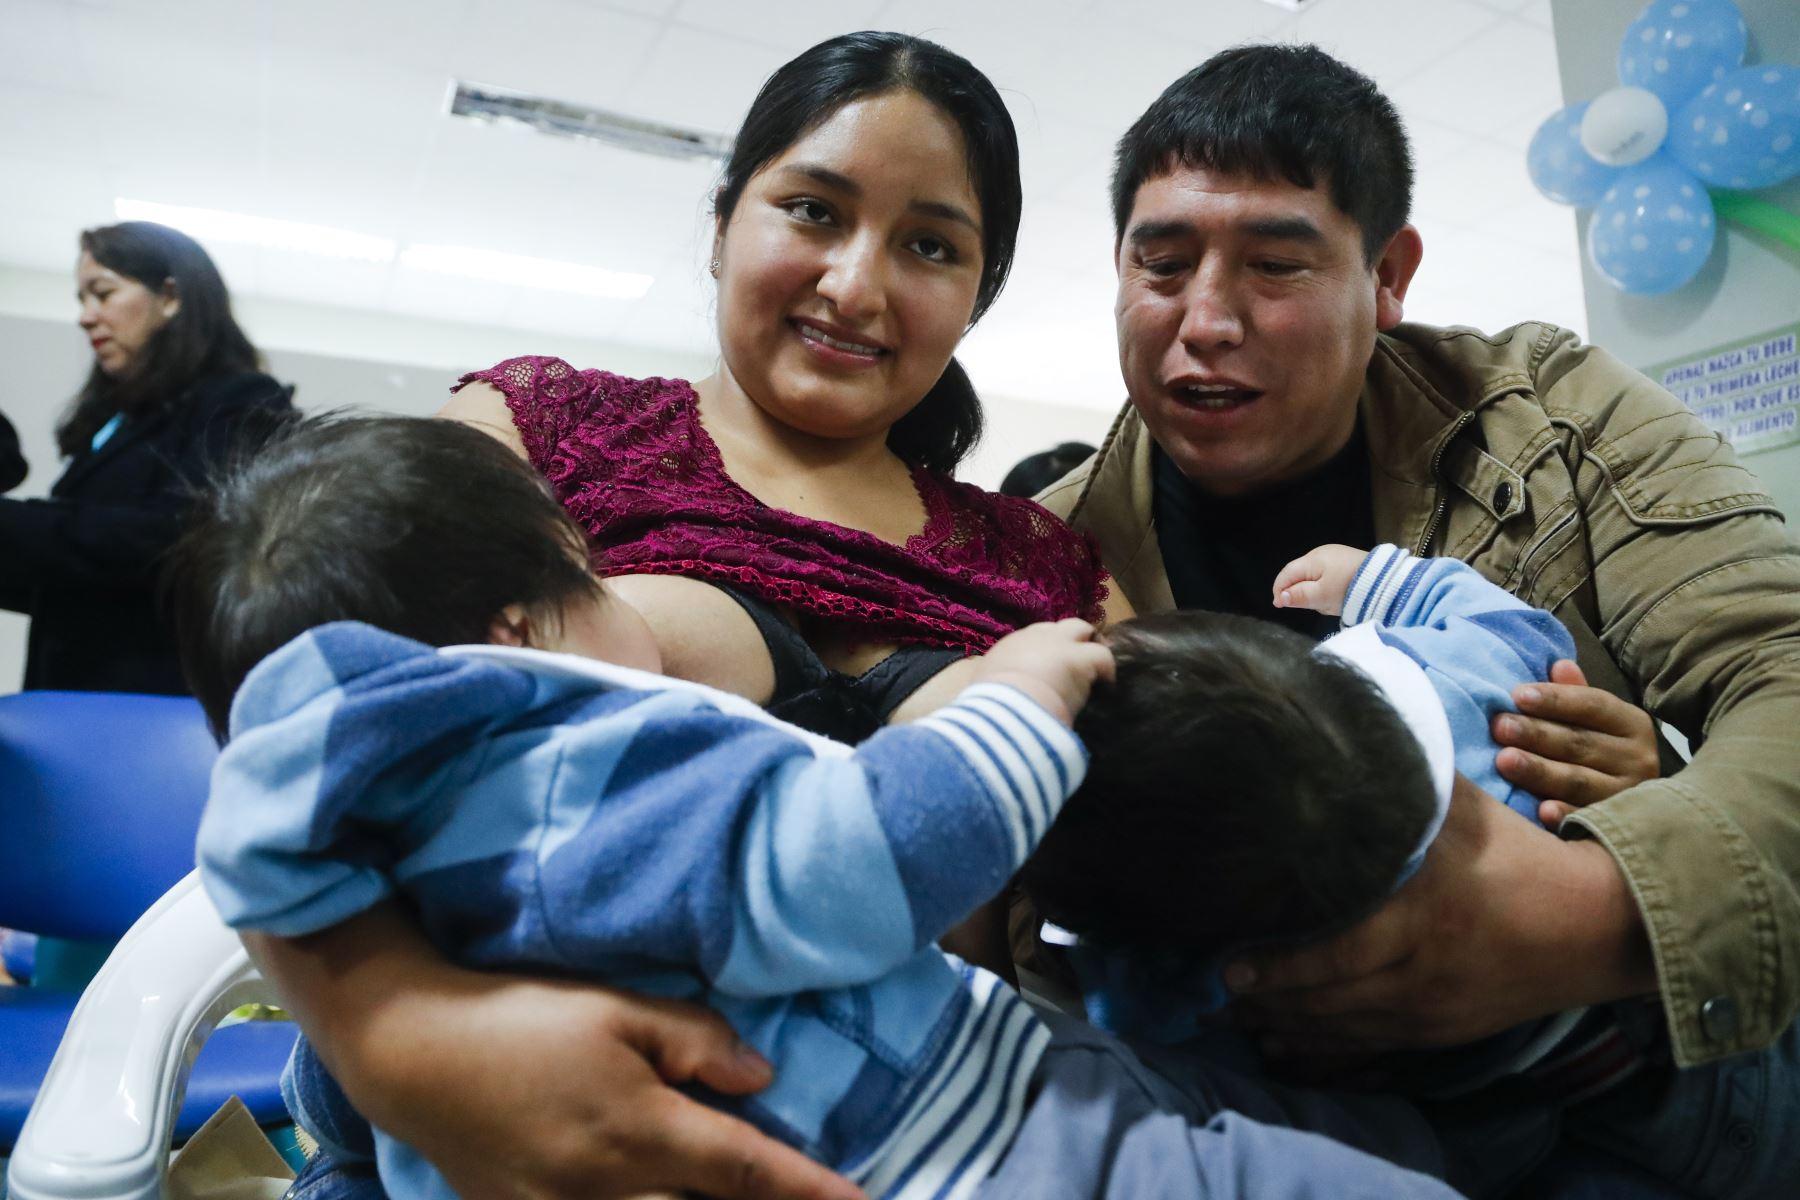 María Roque y Joe Quispe, padres de gemelos de 9 meses ganadores del rey mamoncito llamados Azan Joe Quispe Roque, Azel Joe Quispe Roque. Foto: ANDINA/Josue Ramos